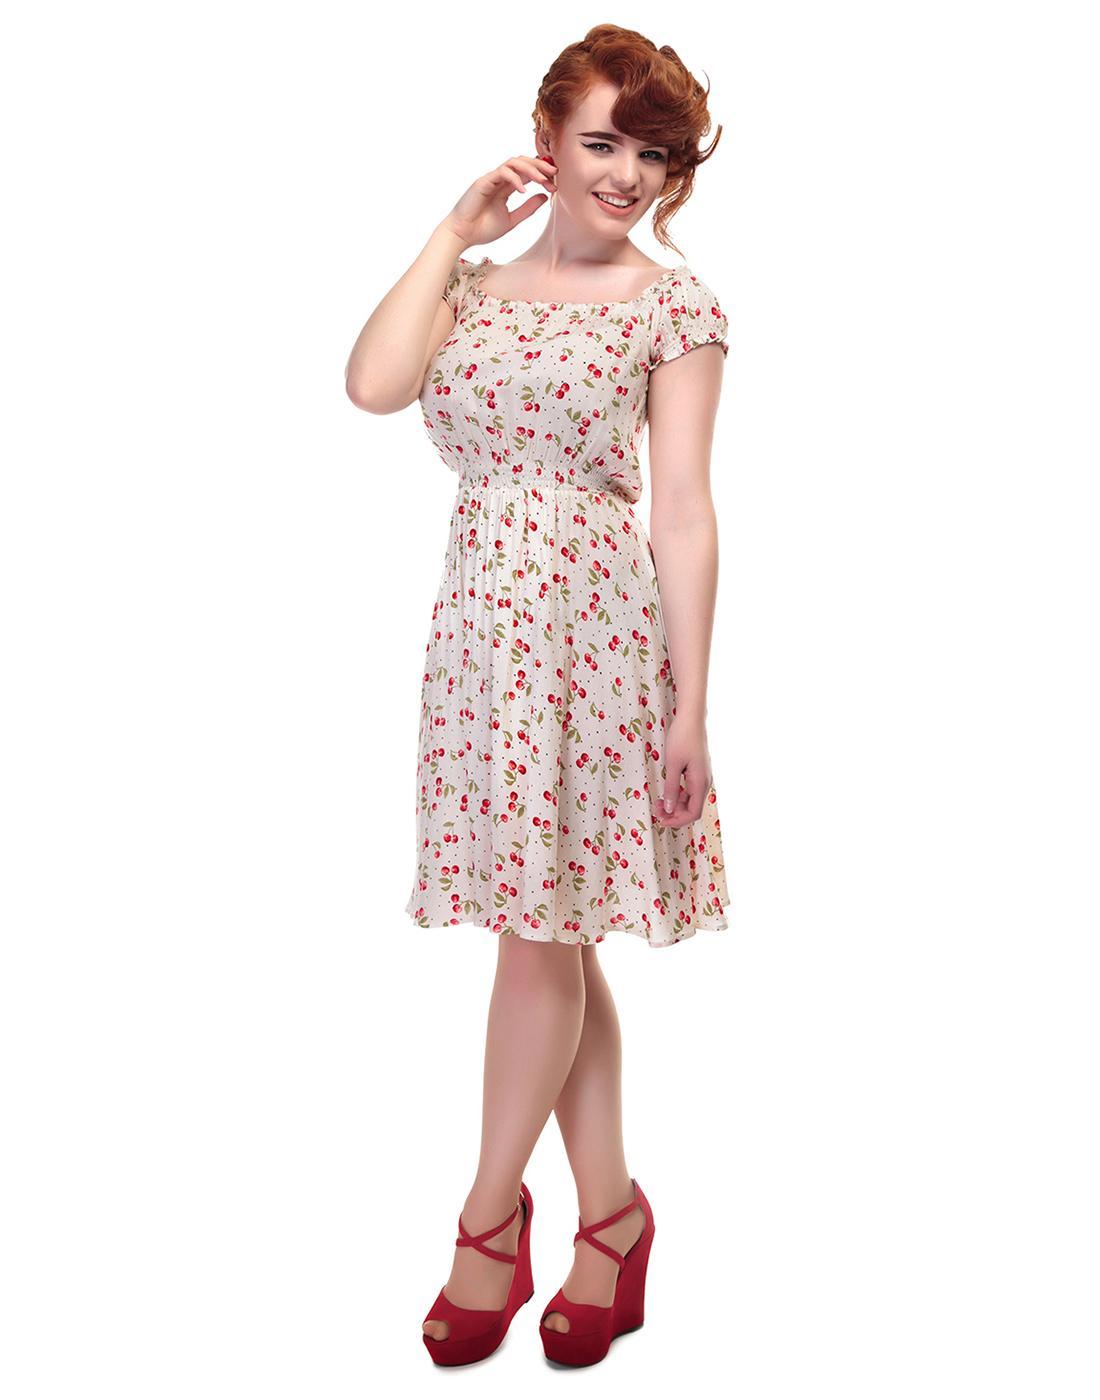 Renie COLLECTIF Retro 1950s Cherry Dot Gypsy Dress